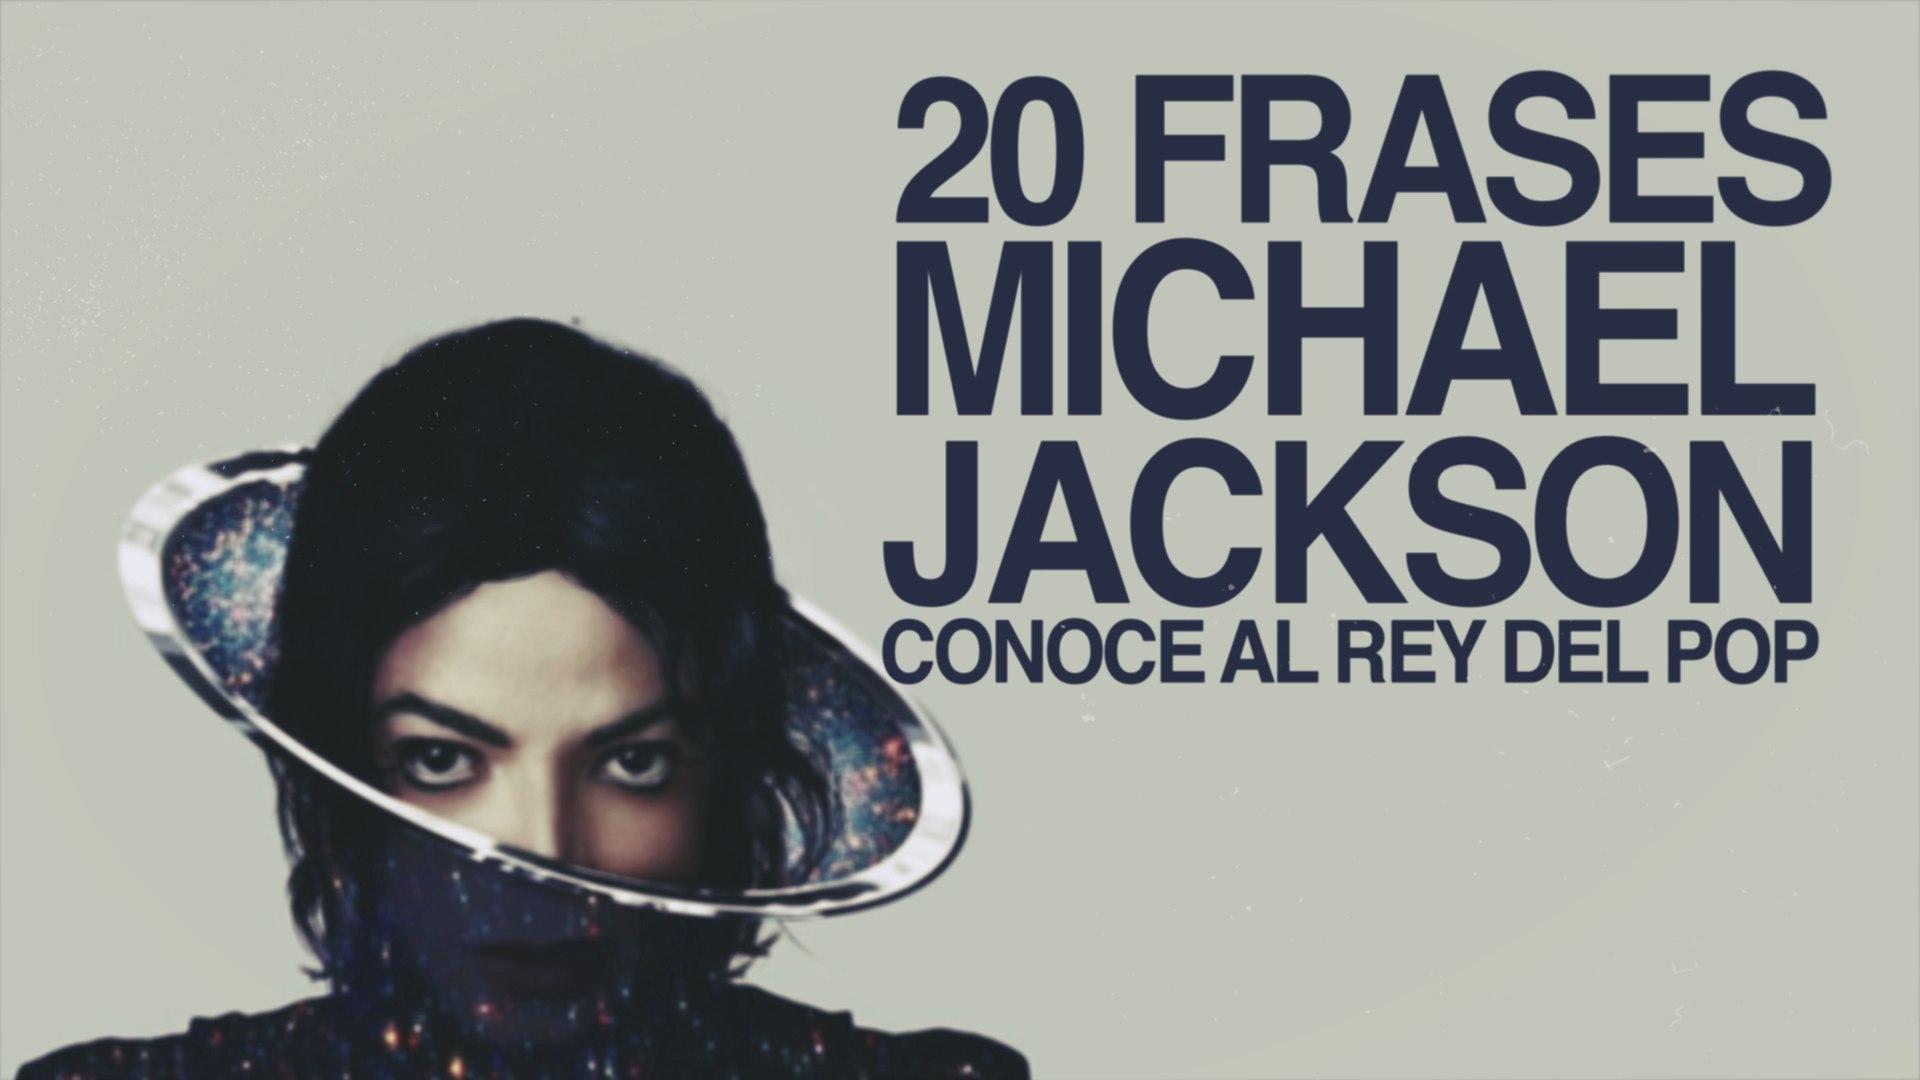 20 Frases De Michael Jackson Para Conocer Al Rey Del Pop